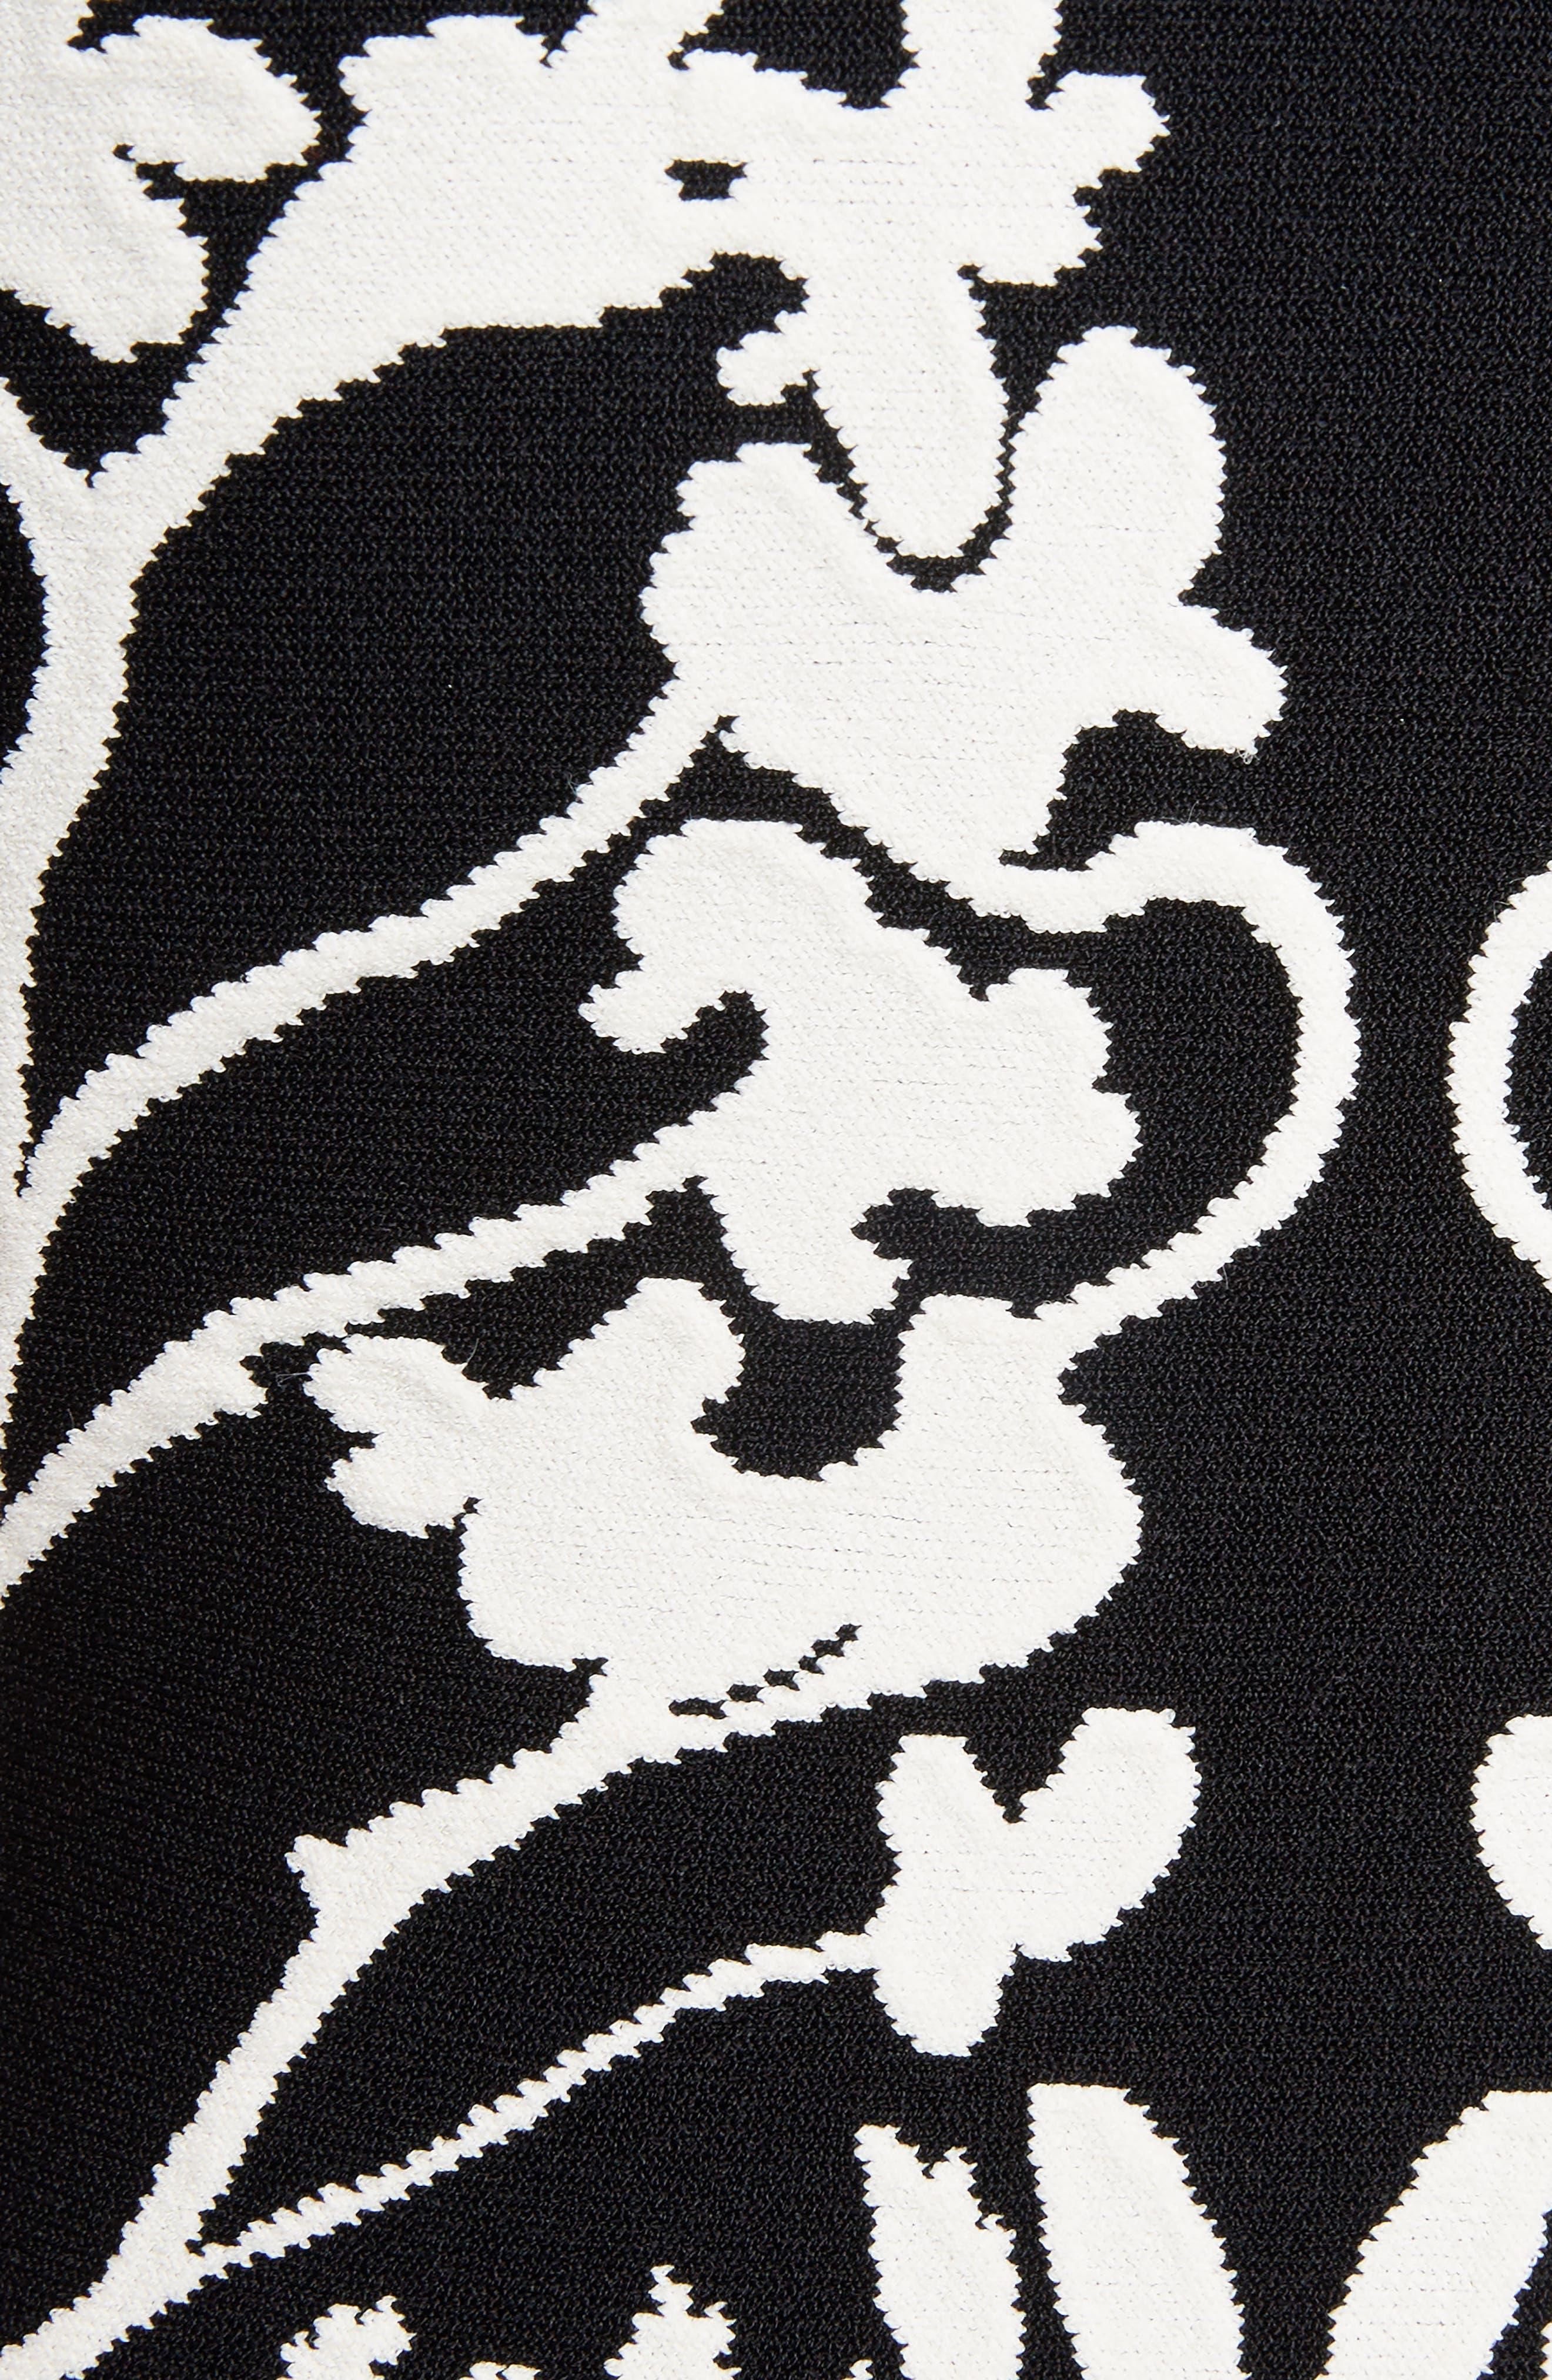 Botanical Jacquard Knit Flounce Dress,                             Alternate thumbnail 5, color,                             Black/ Ivory